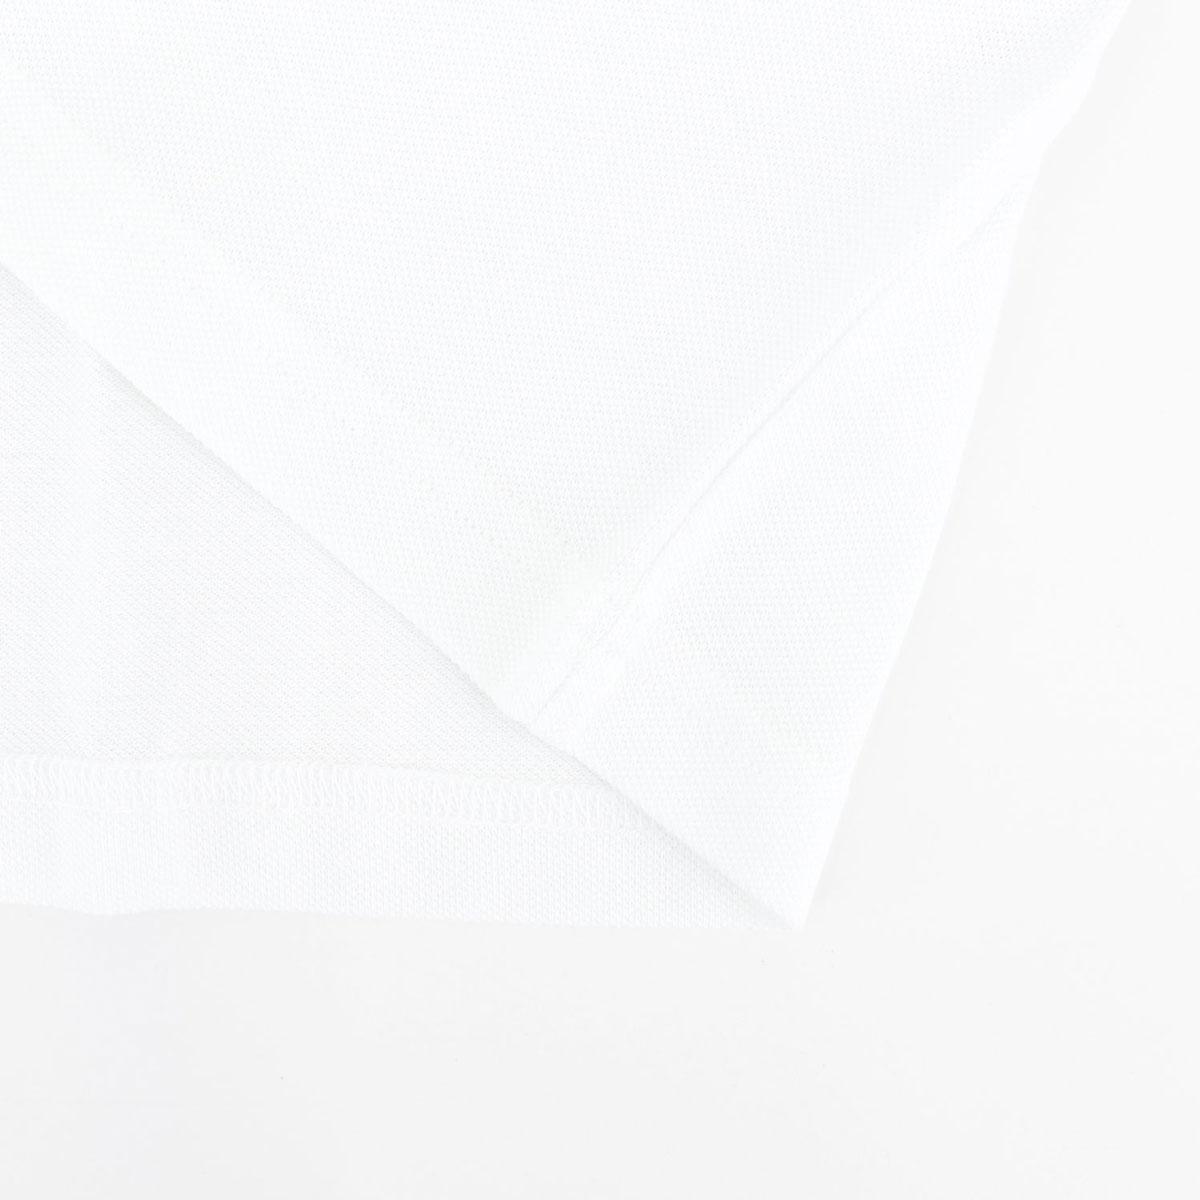 【クリアランスセール】ギローバー GUY ROVER メンズ コットン 鹿の子 クルーネック ポケット付Tシャツ 2850TC442 501500 (ホワイト)【返品交換不可】